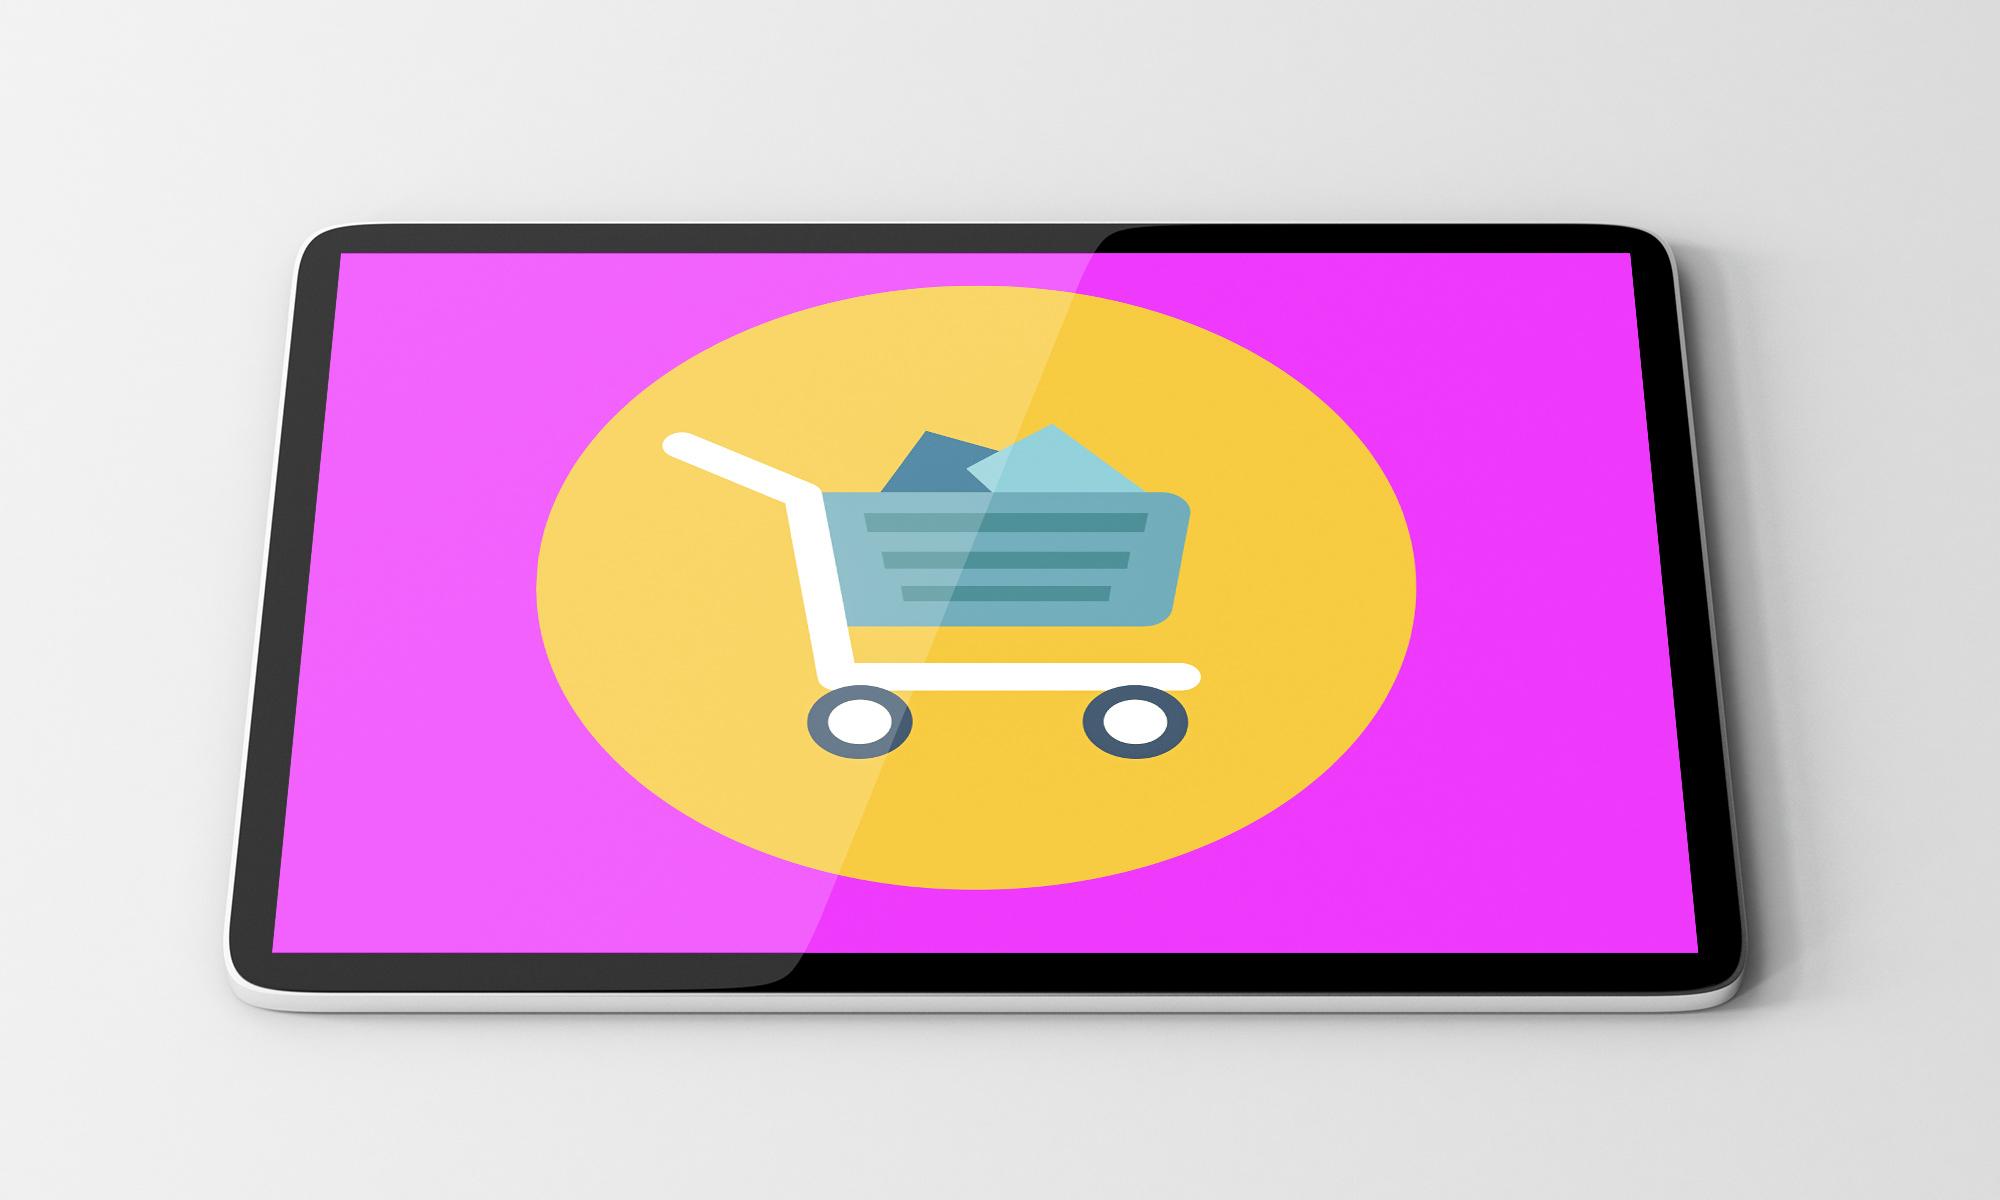 Ein Einkaufswagen repräsentiert einen Online-Shop